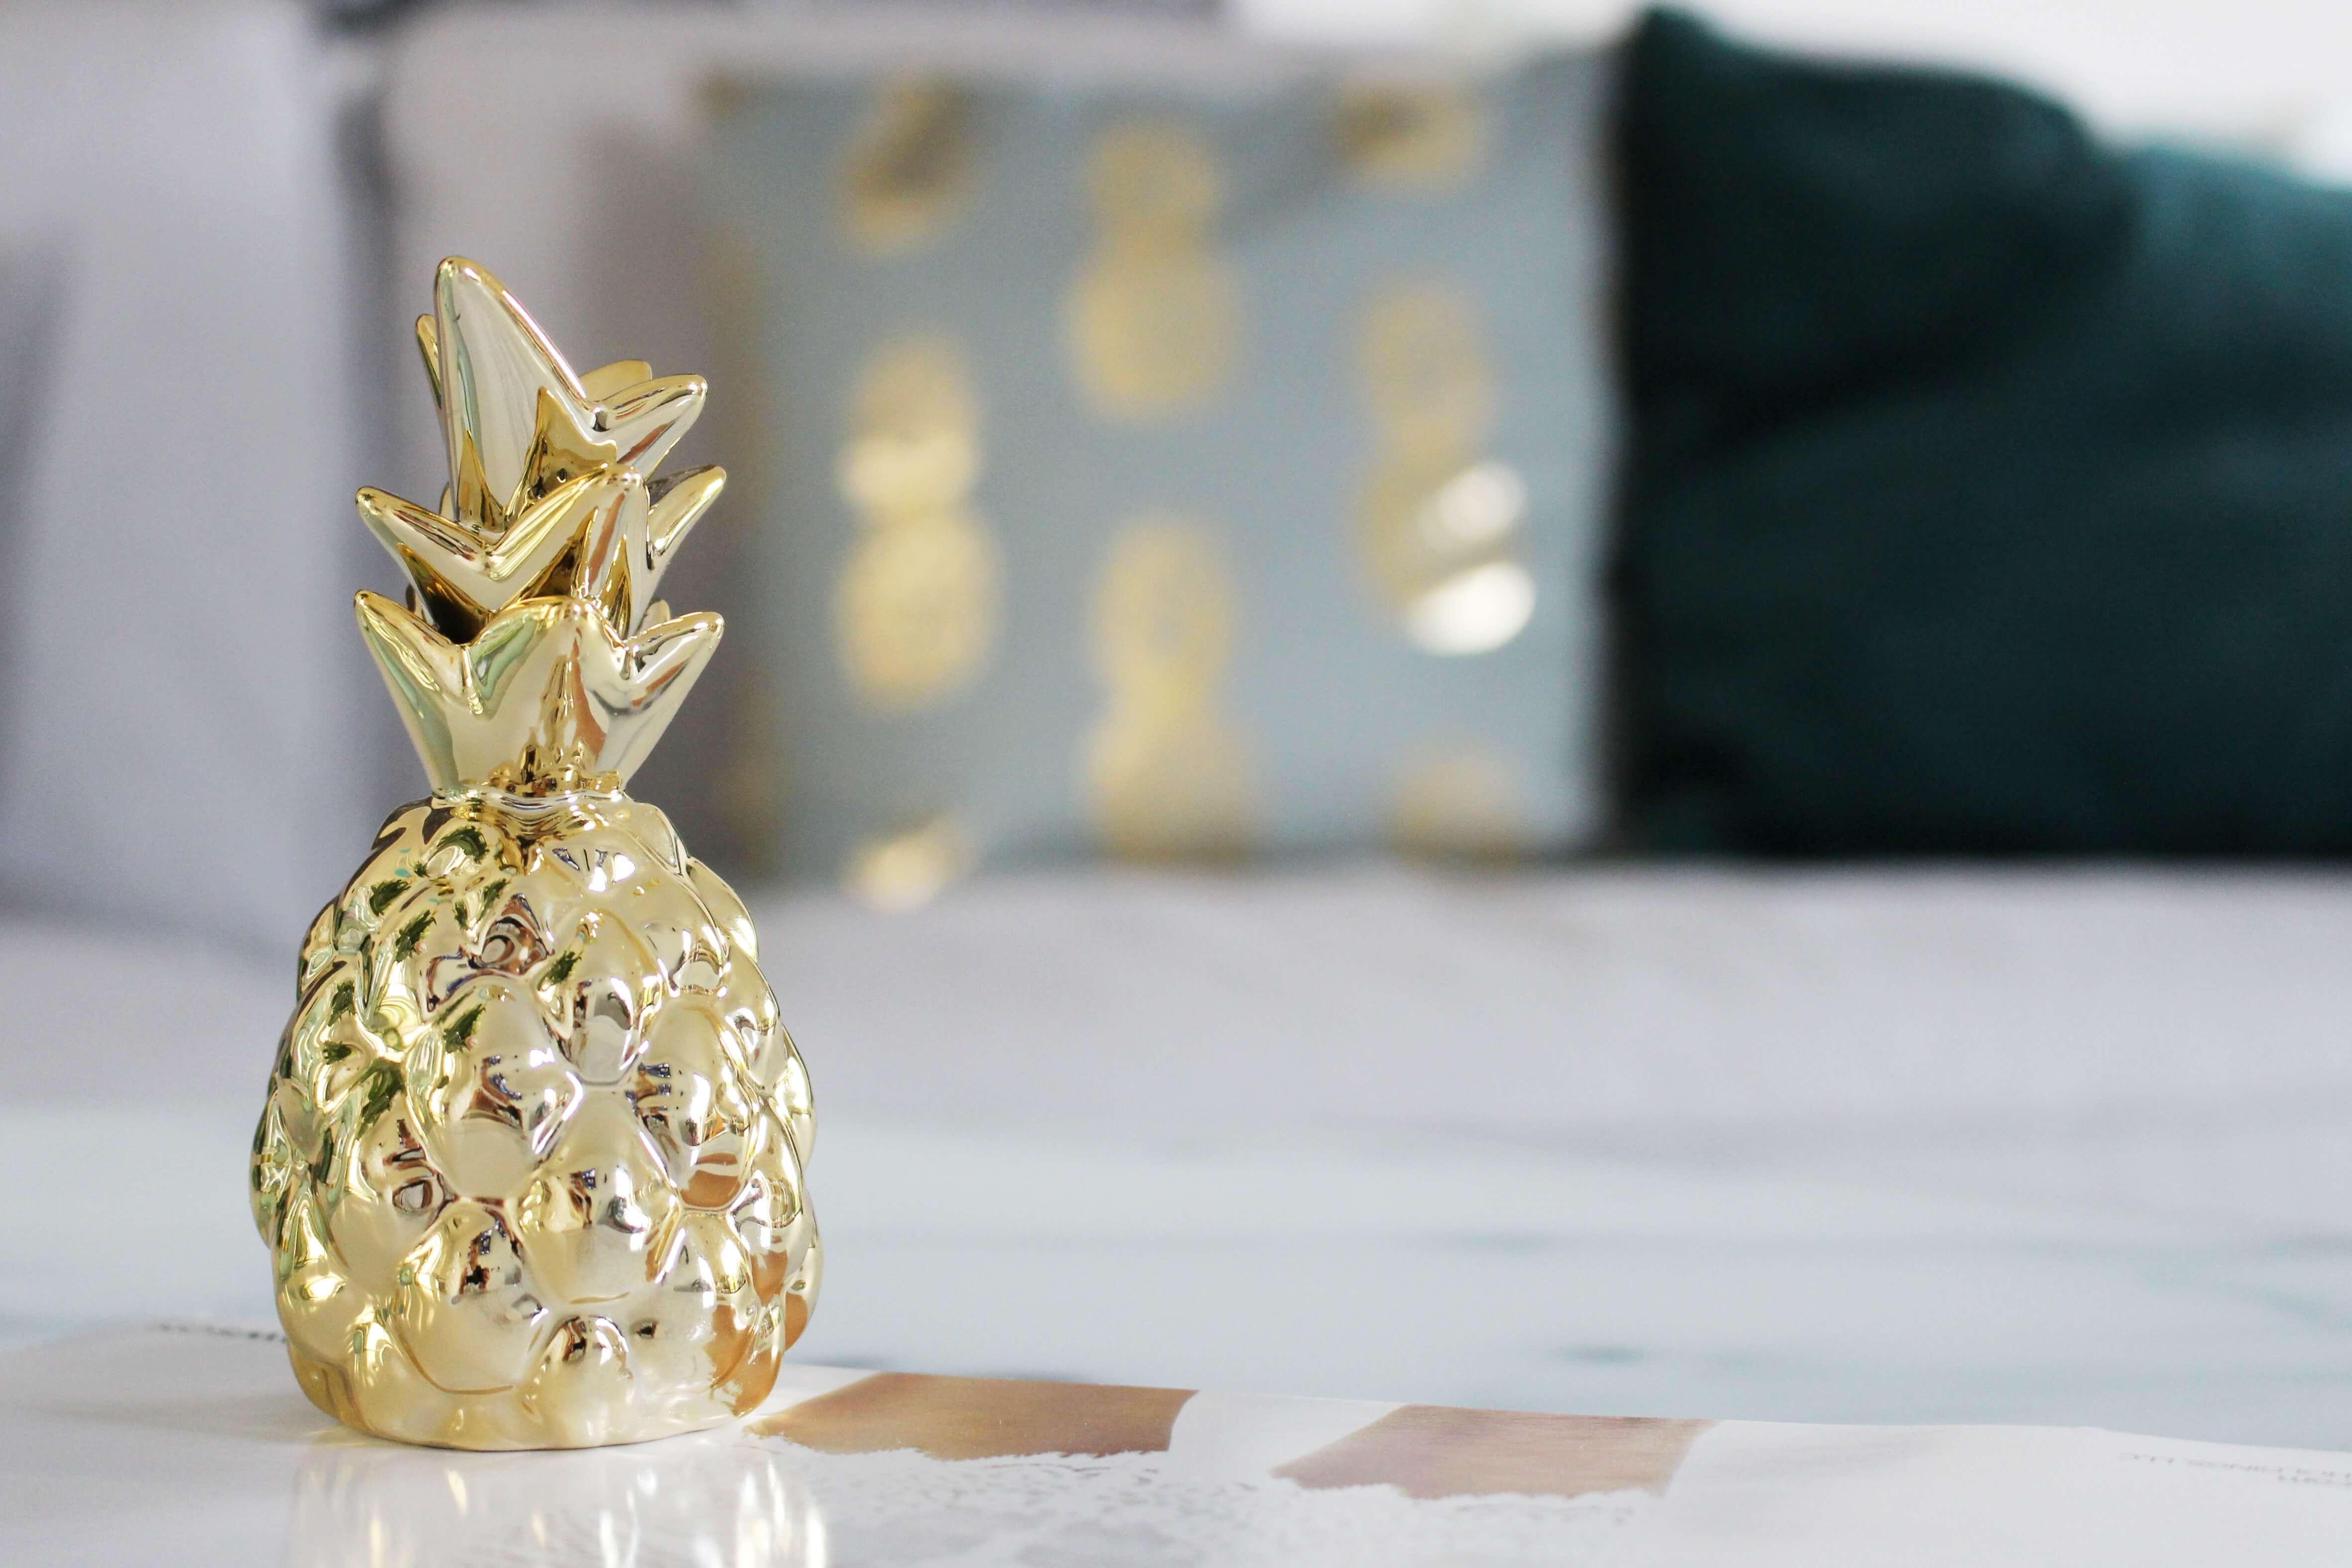 unsere neue wohnzimmer deko in grün & gold | tantedine - Wohnzimmer Deko Gold